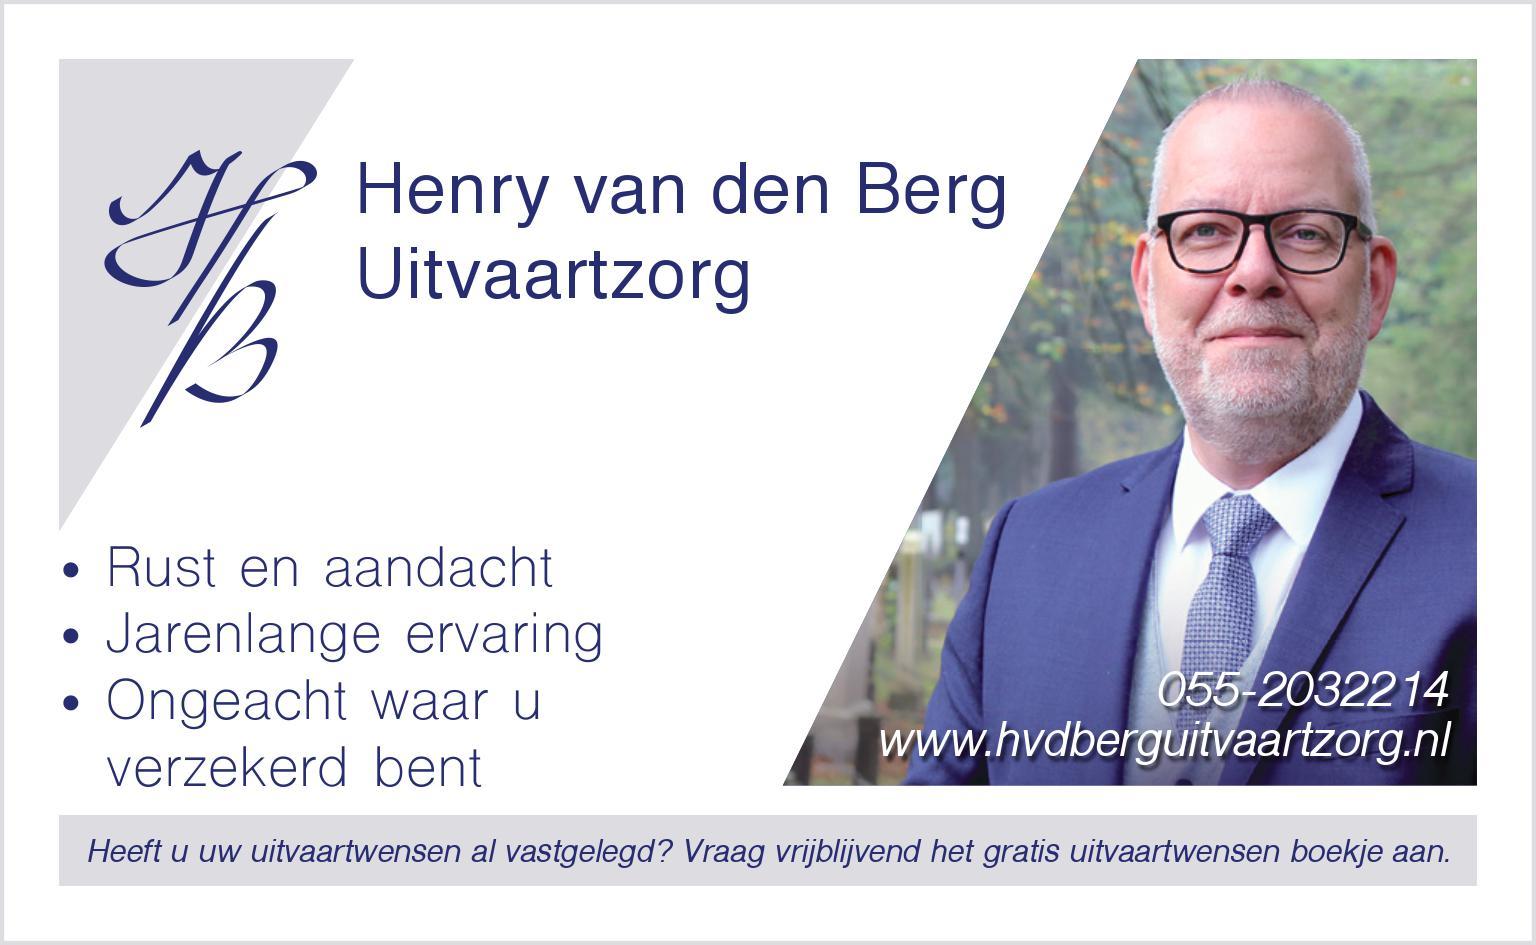 Henry van den Berg, uitvaartzorg